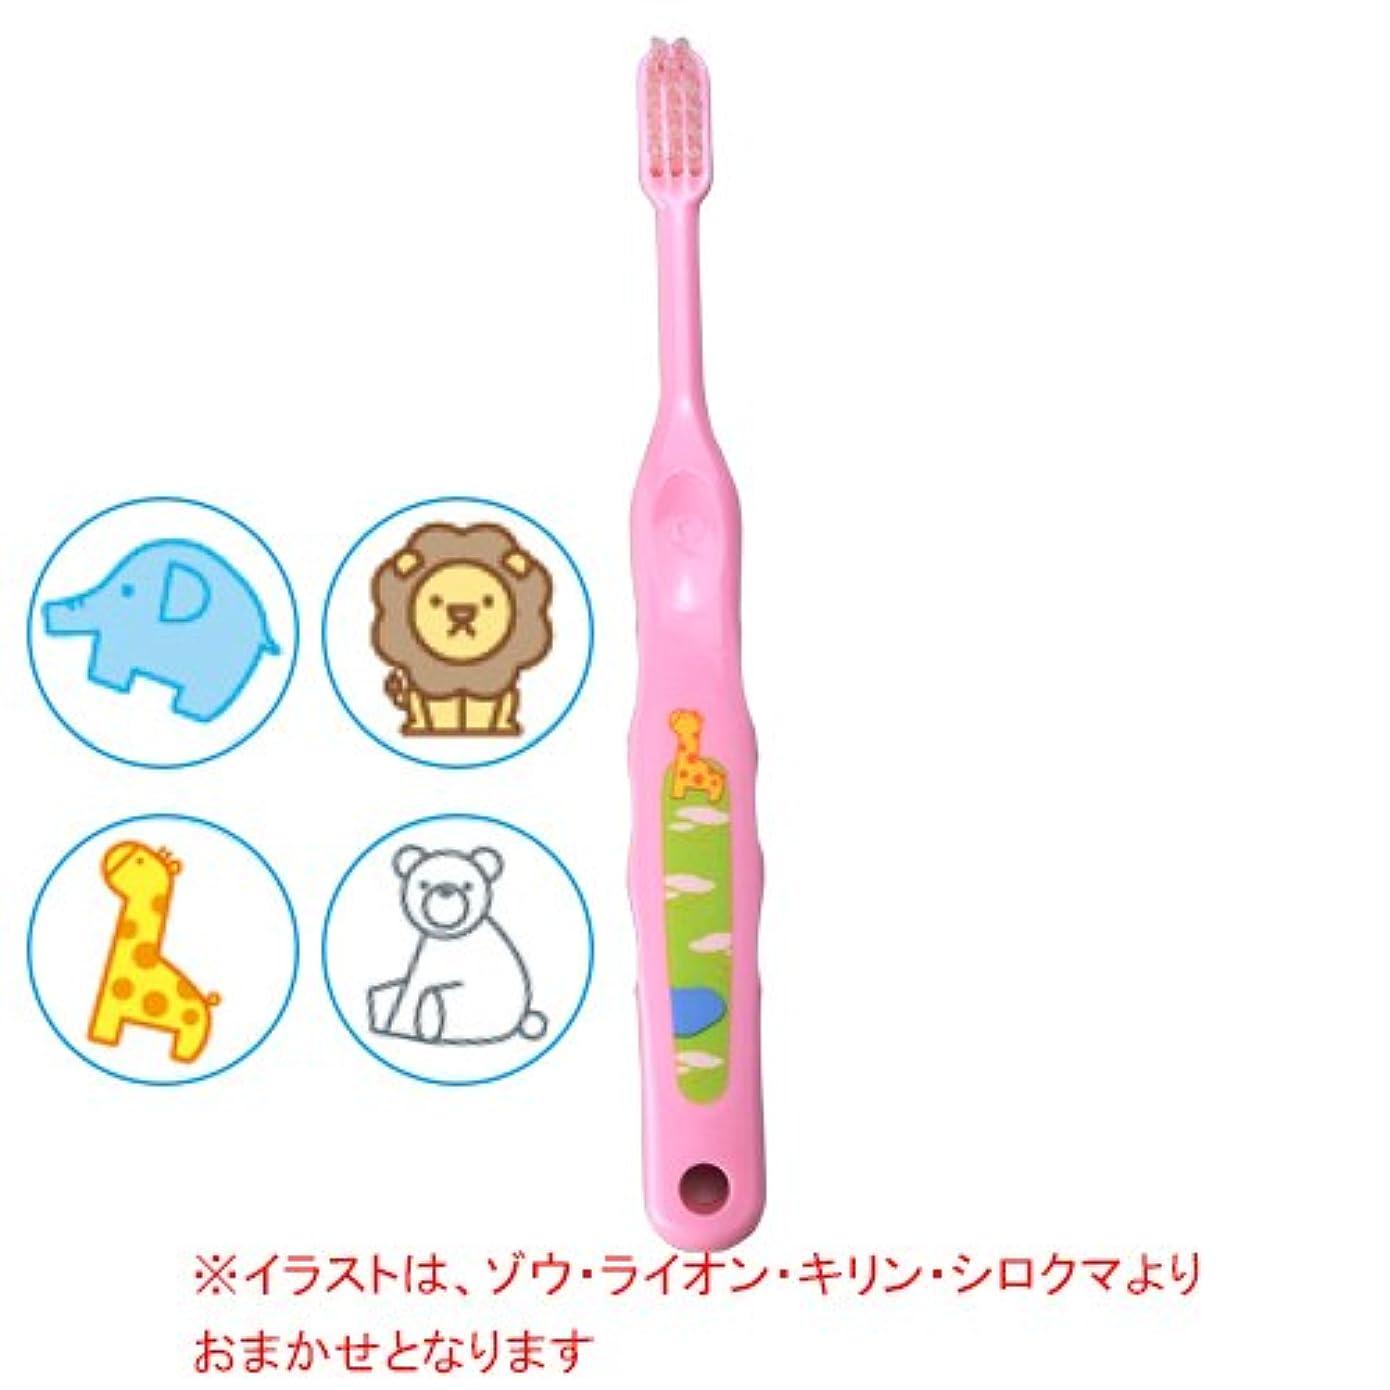 感覚懺悔欠伸Ciメディカル Ci なまえ歯ブラシ 502 (ふつう) (乳児から小学生向) 1本  (ピンク)